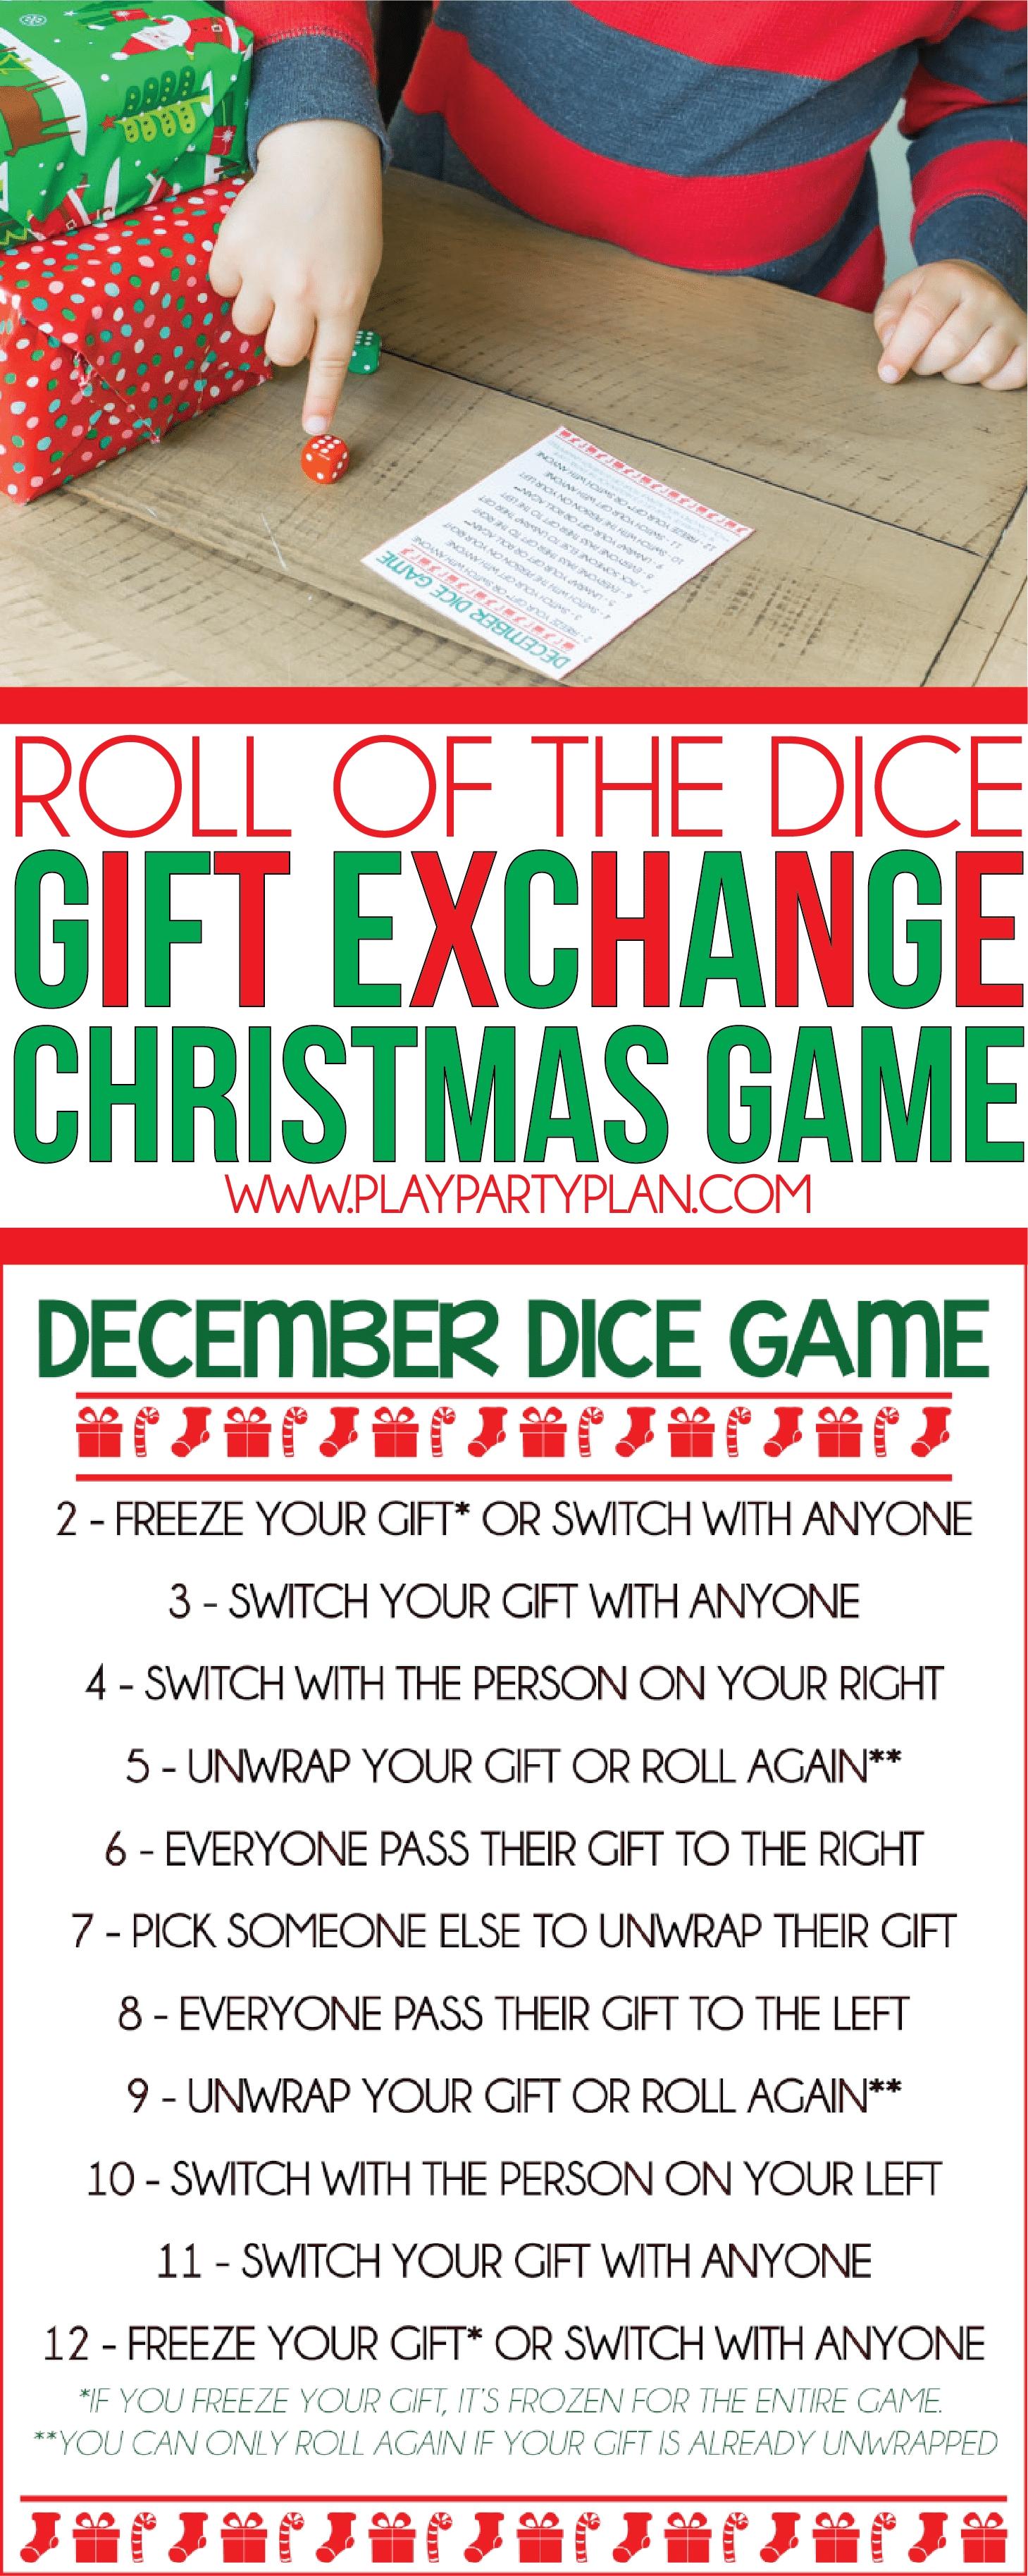 10 Amazing Christmas Gift Exchange Game Ideas